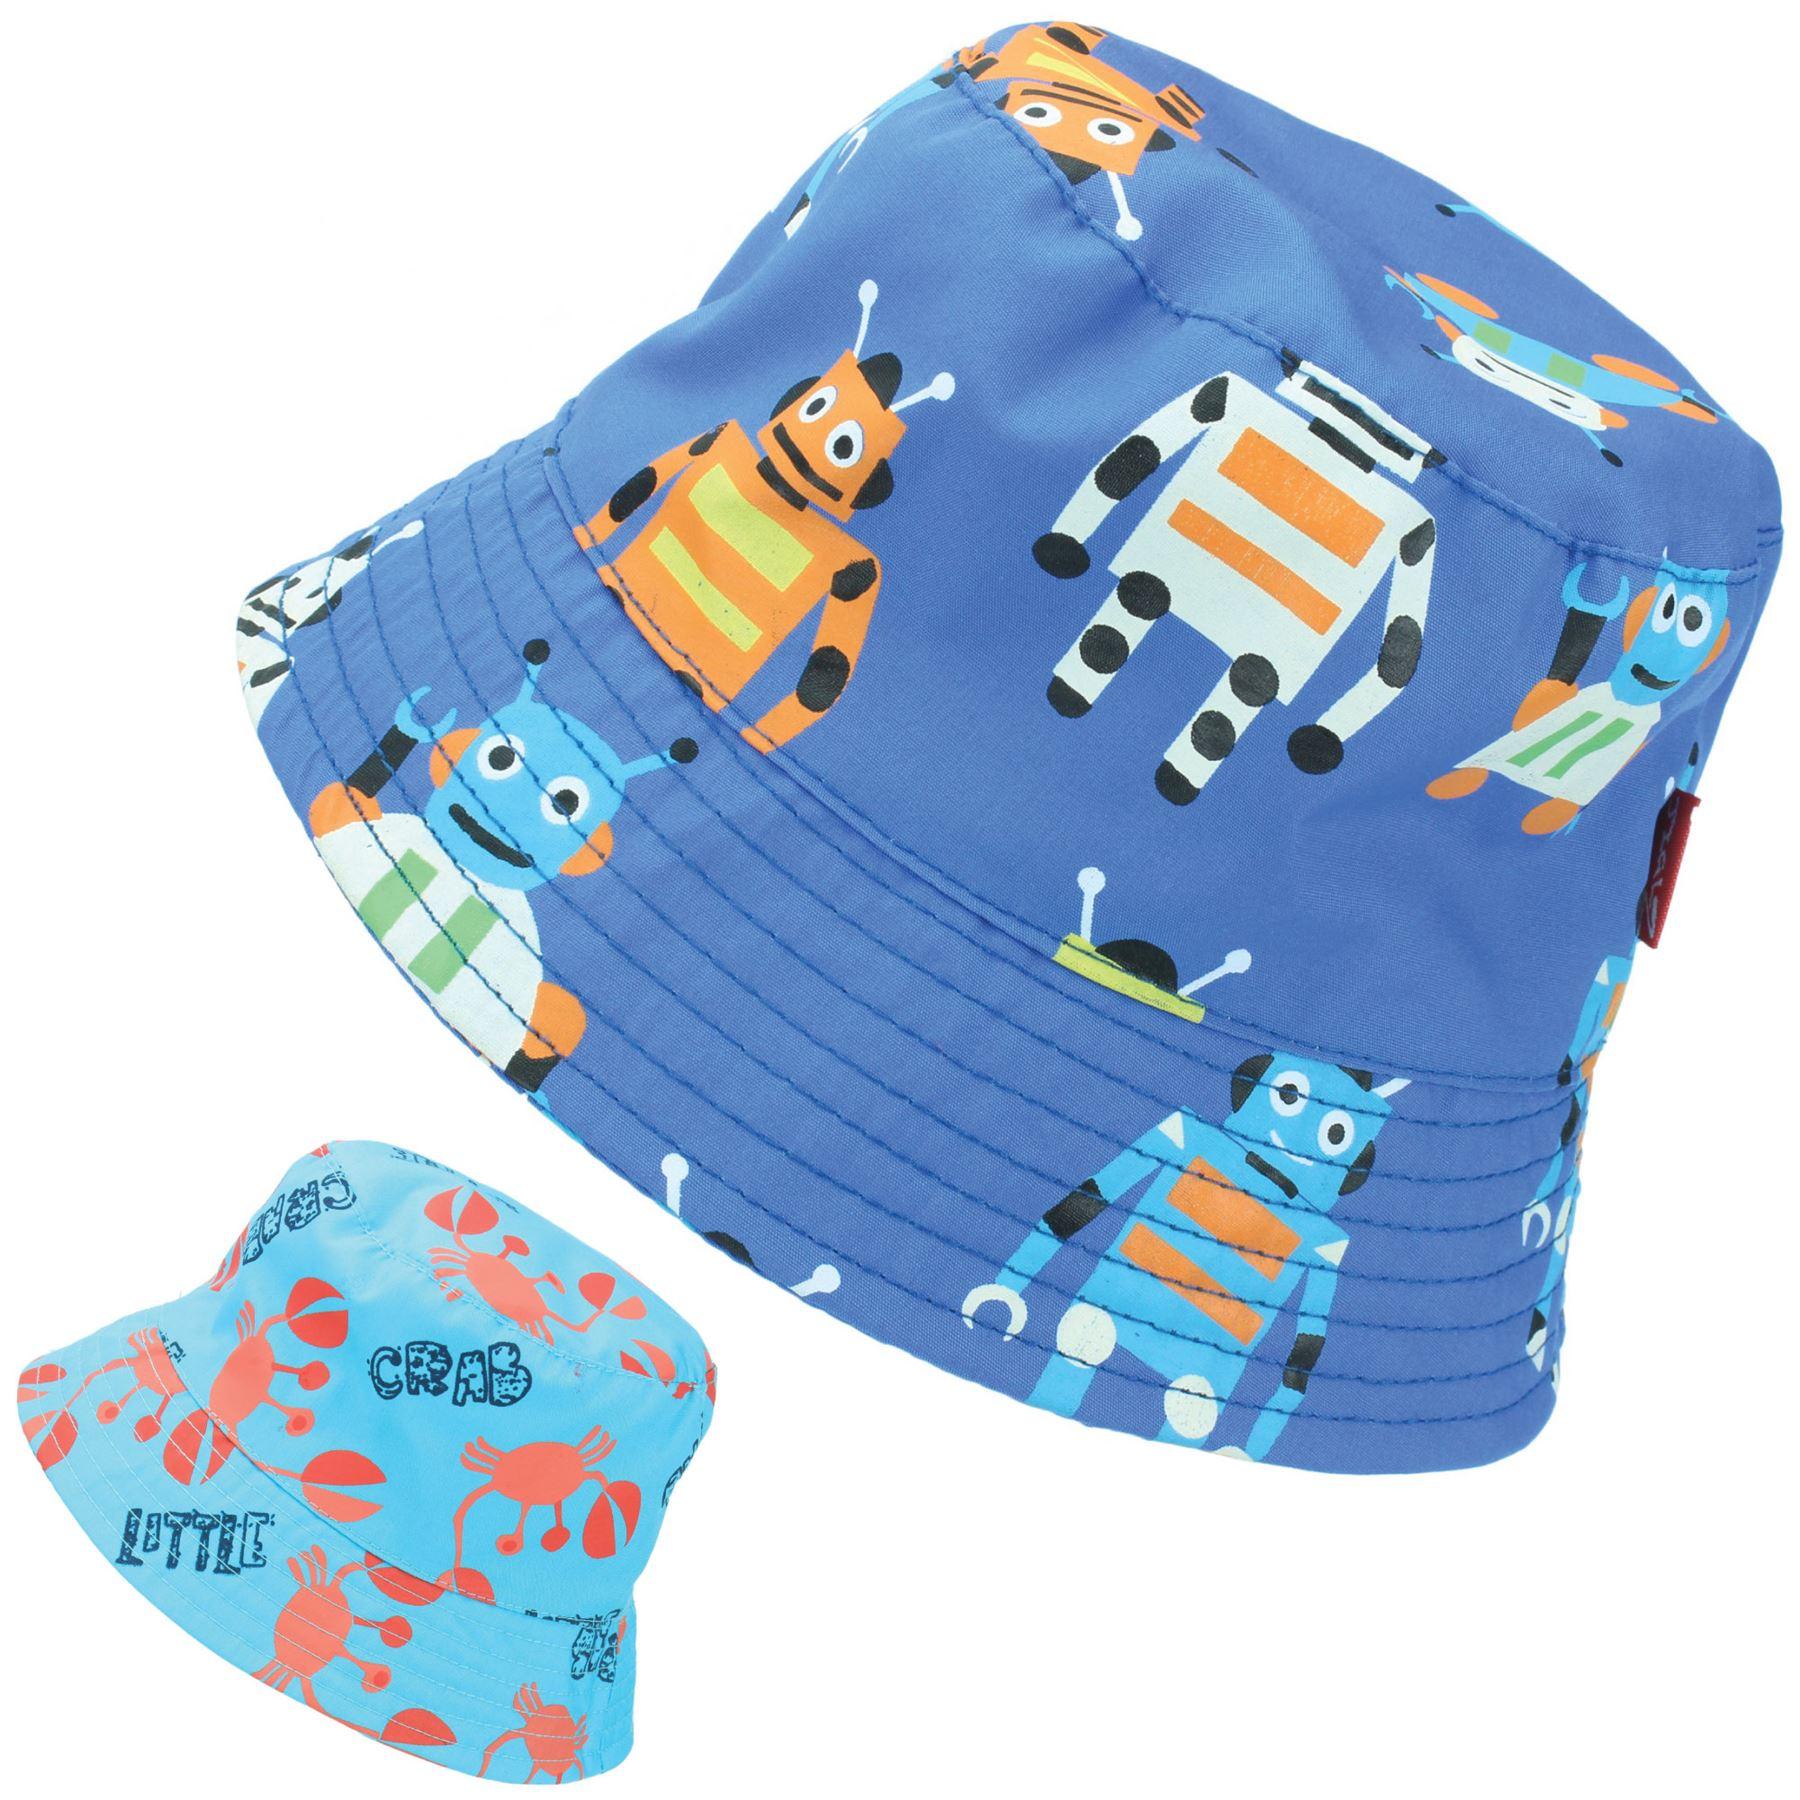 Accessories Obliging New Summer Baby Hat Fashion Children Dinosaur Print Cap For Girls Boys Kids Sun Hat Baby Boys Hat Summer Sun Beach Bucket Cap